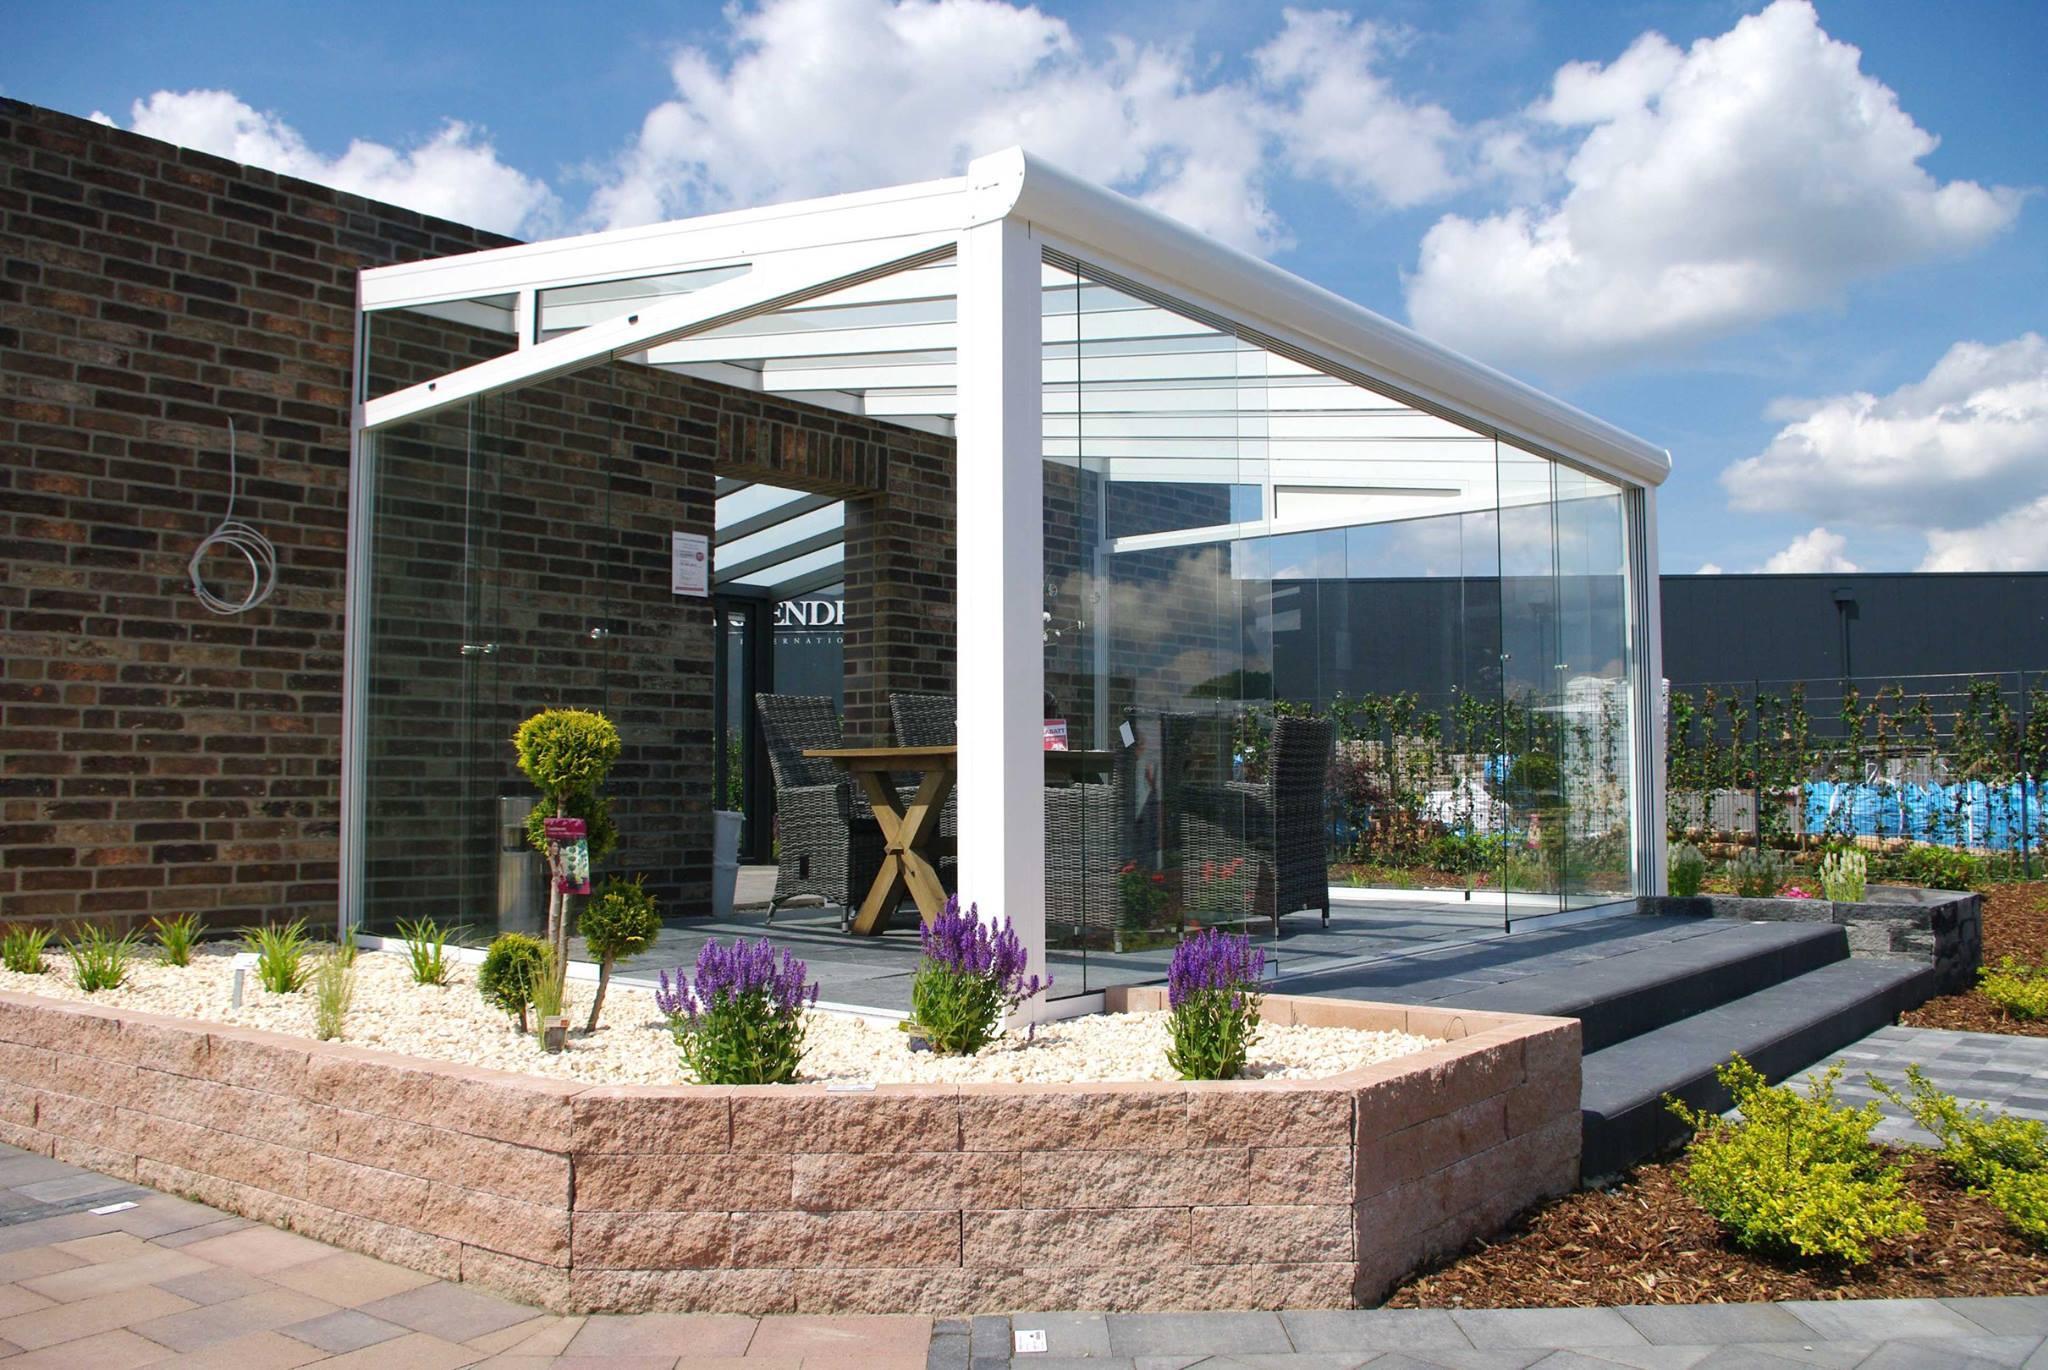 Terrasse im Frühling mit Ziersteinen als Umrandung